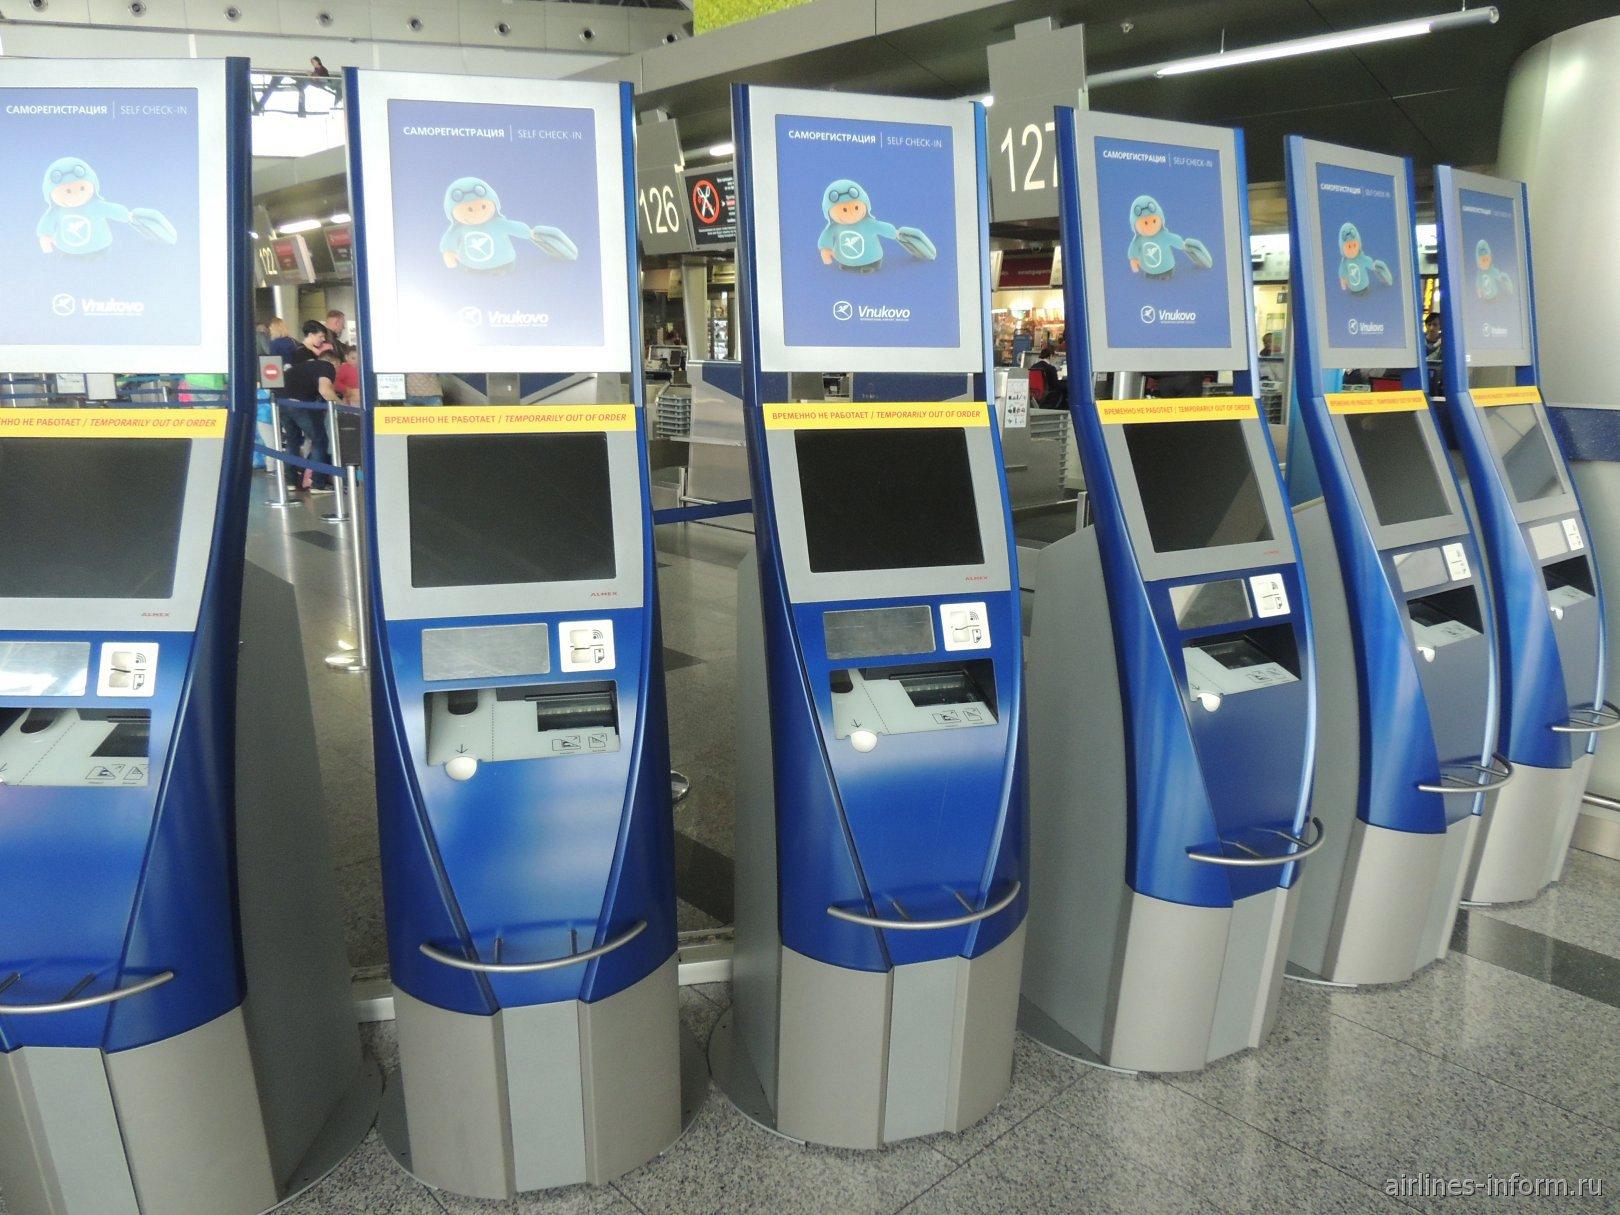 Стойки для самостоятельной регистрации в аэропорту Внуково